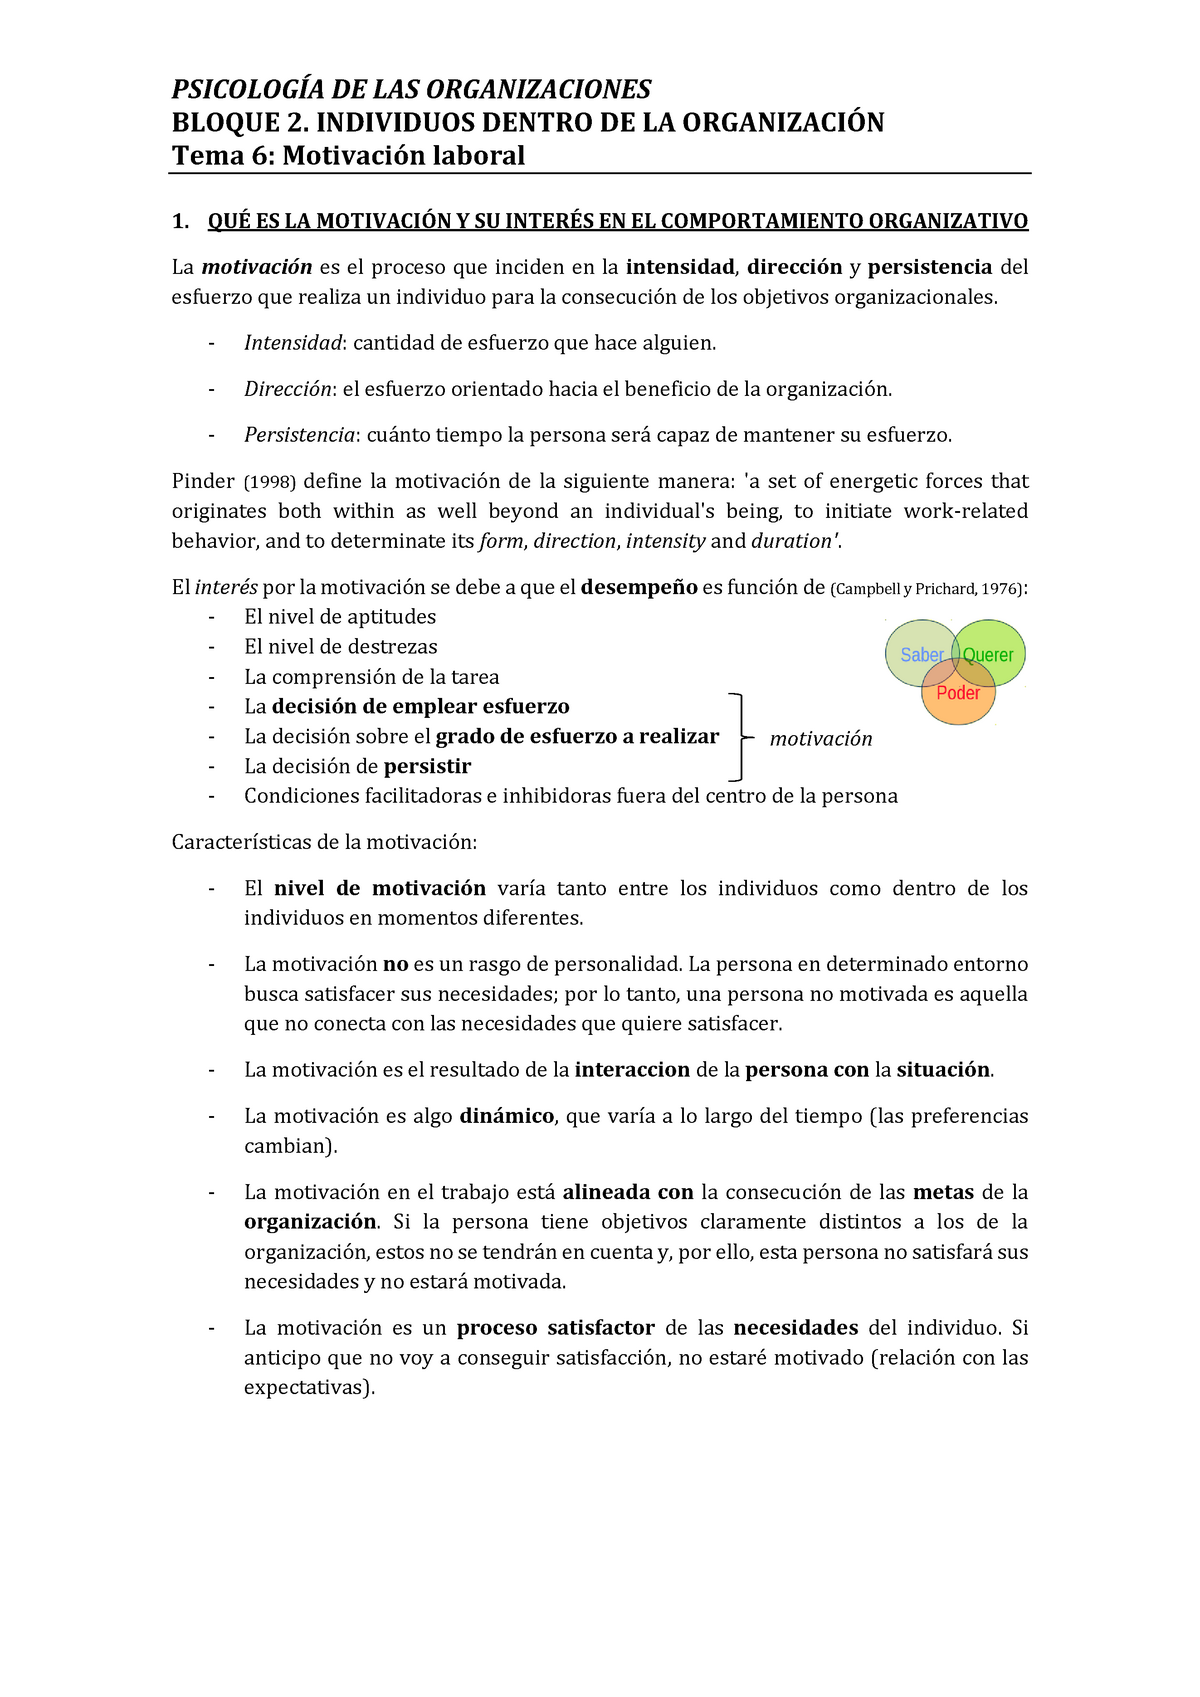 Tema 6 Motivación Laboral Jose Navarro Ub Studocu